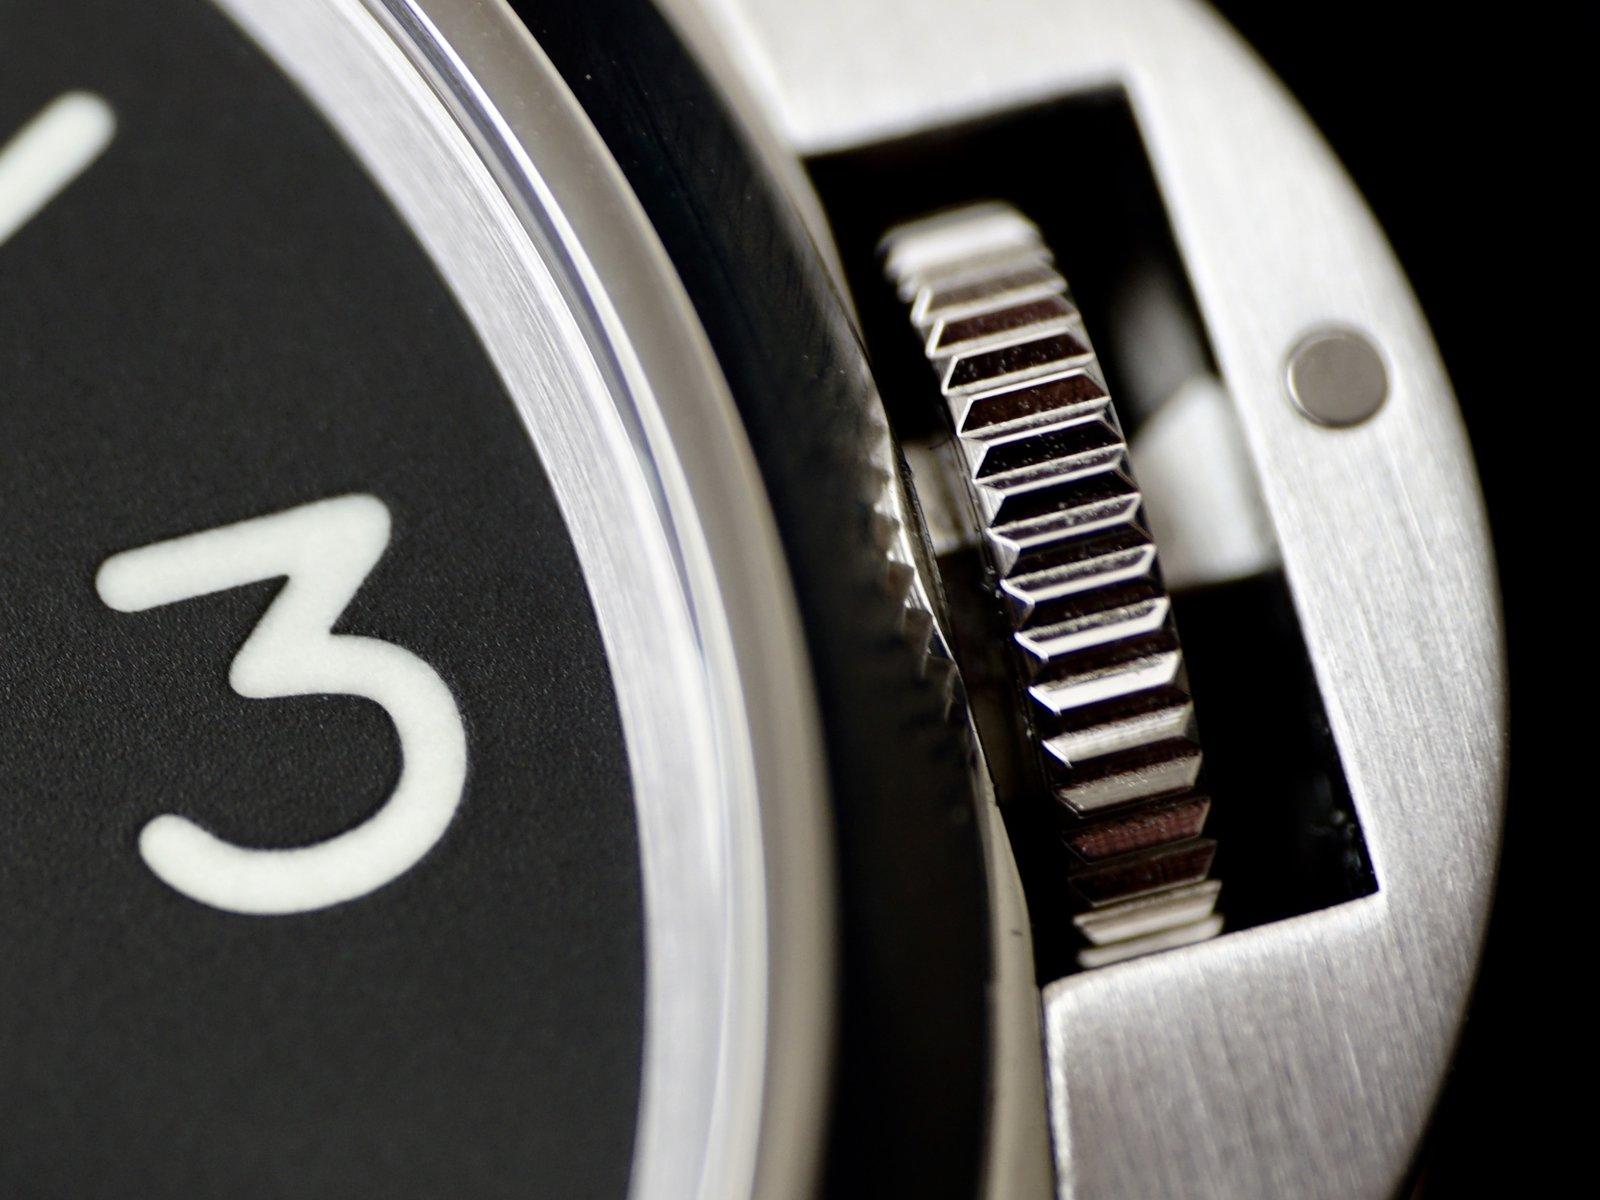 91C18FE2-CC4C-488E-843B-7CFFAA85C5CE.